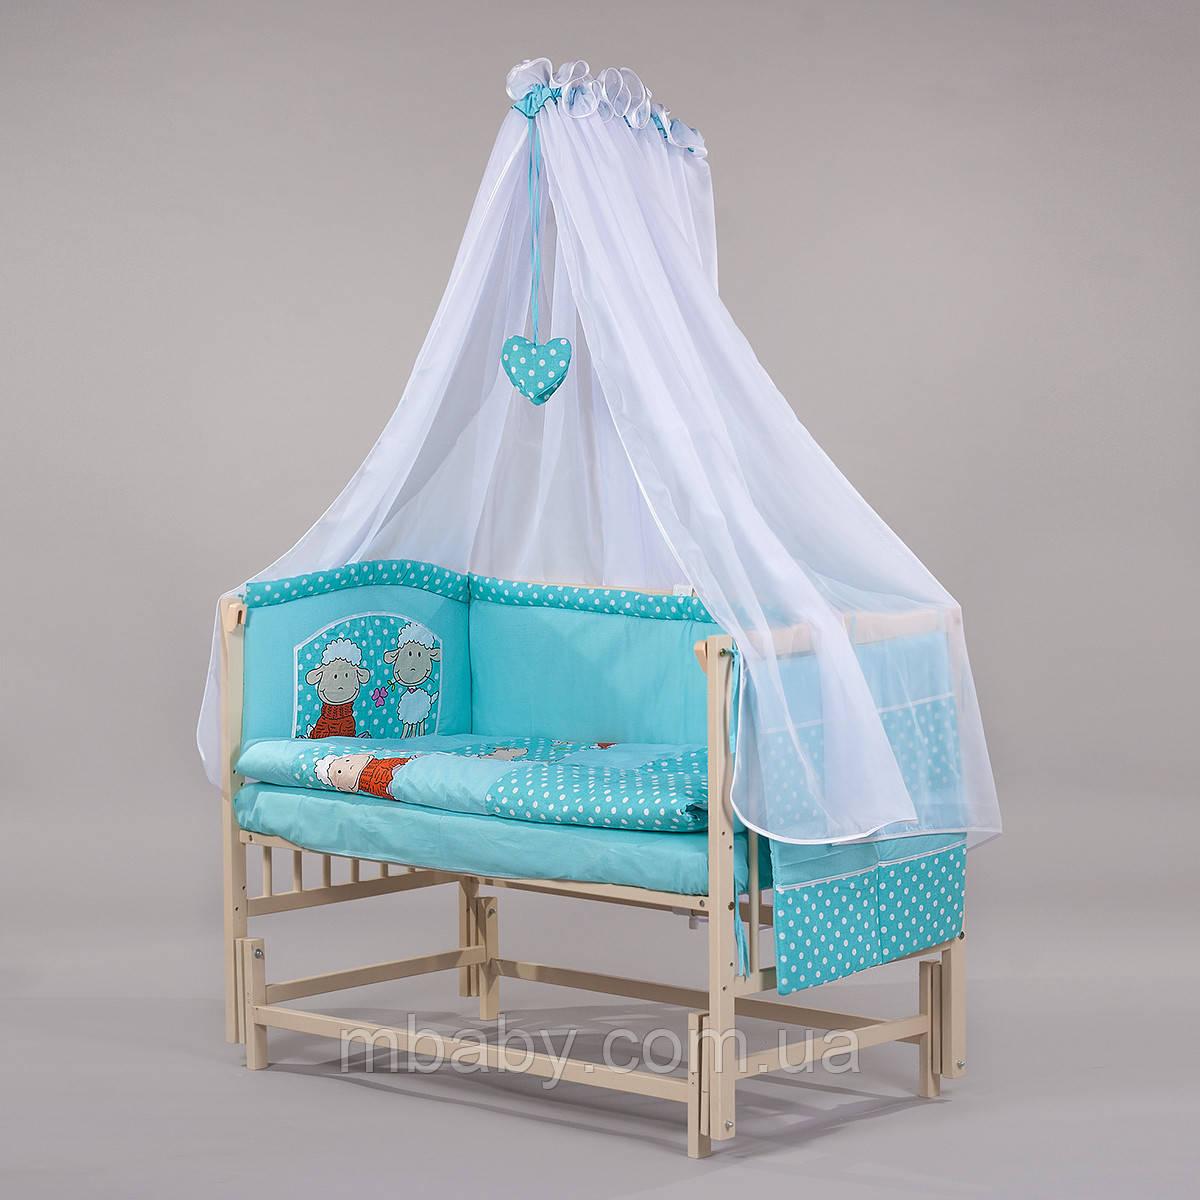 """Детский постельный комплект """"Люкс 04Б"""" 8 элементов с вышивкой"""